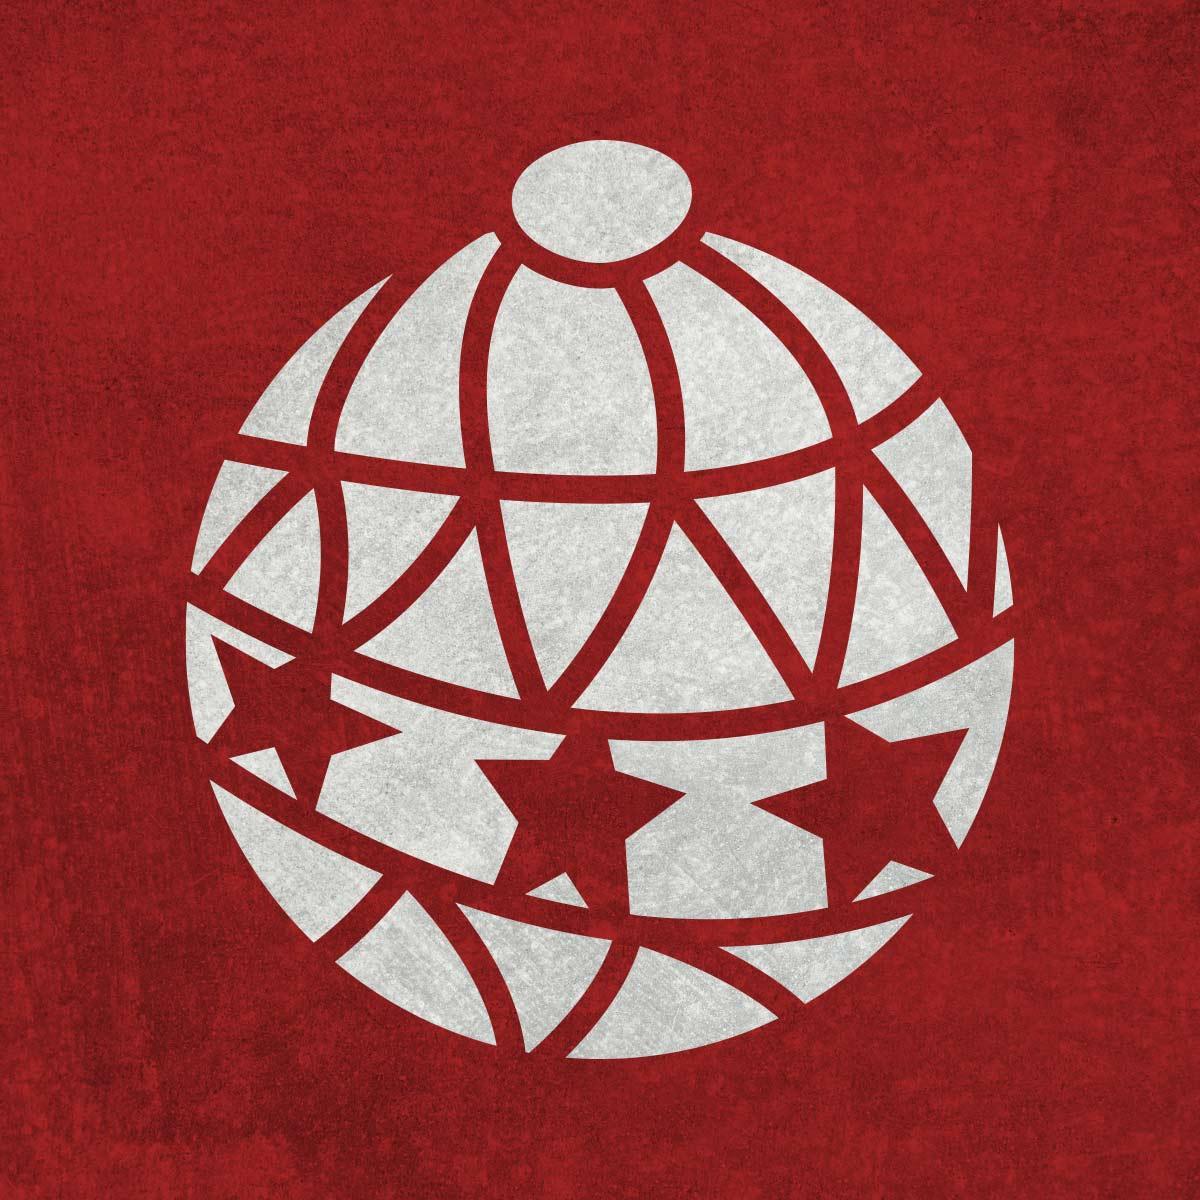 Bombka - świąteczny szablon malarskie wielokrotnego użytku, wizualizacja na ciemnym tle